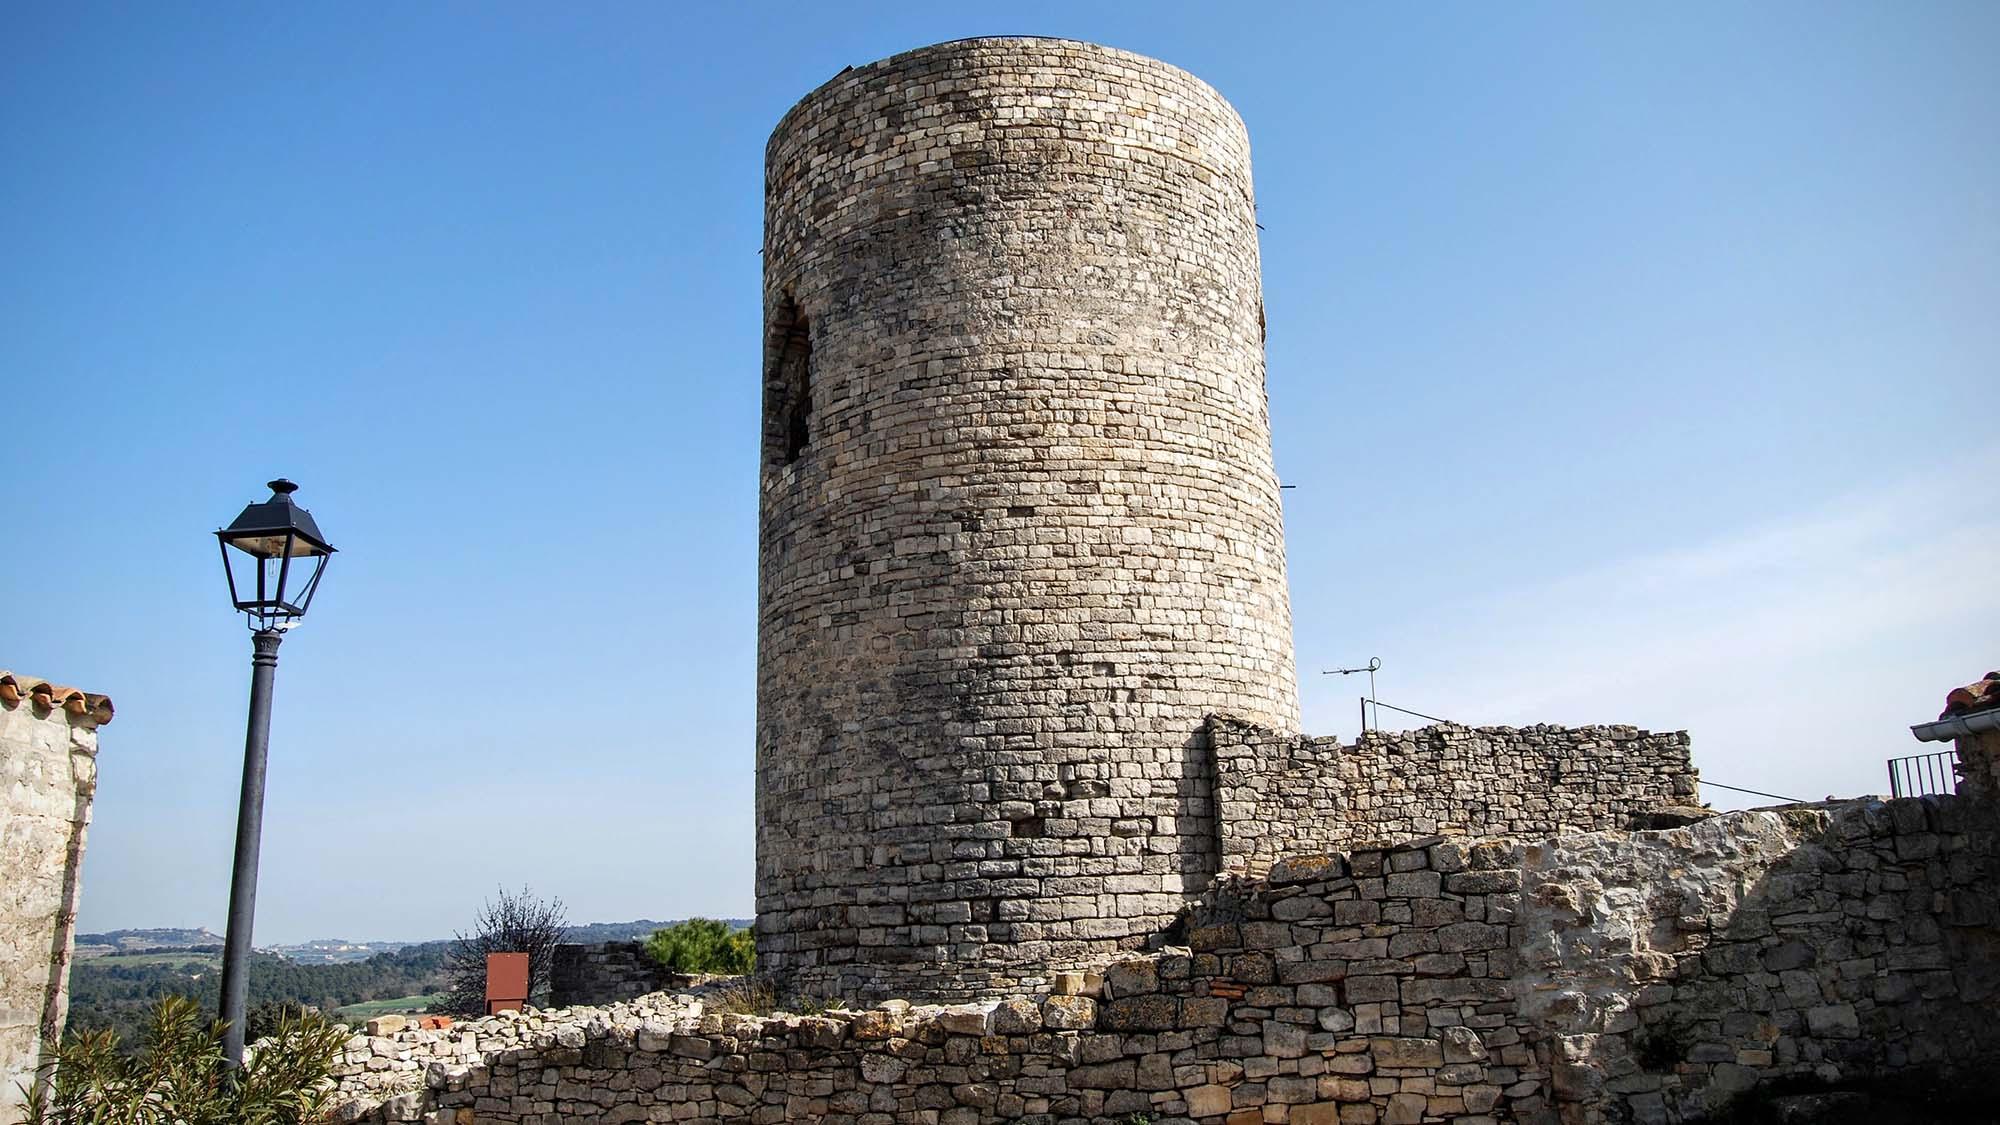 Tower Ametlla de Segarra